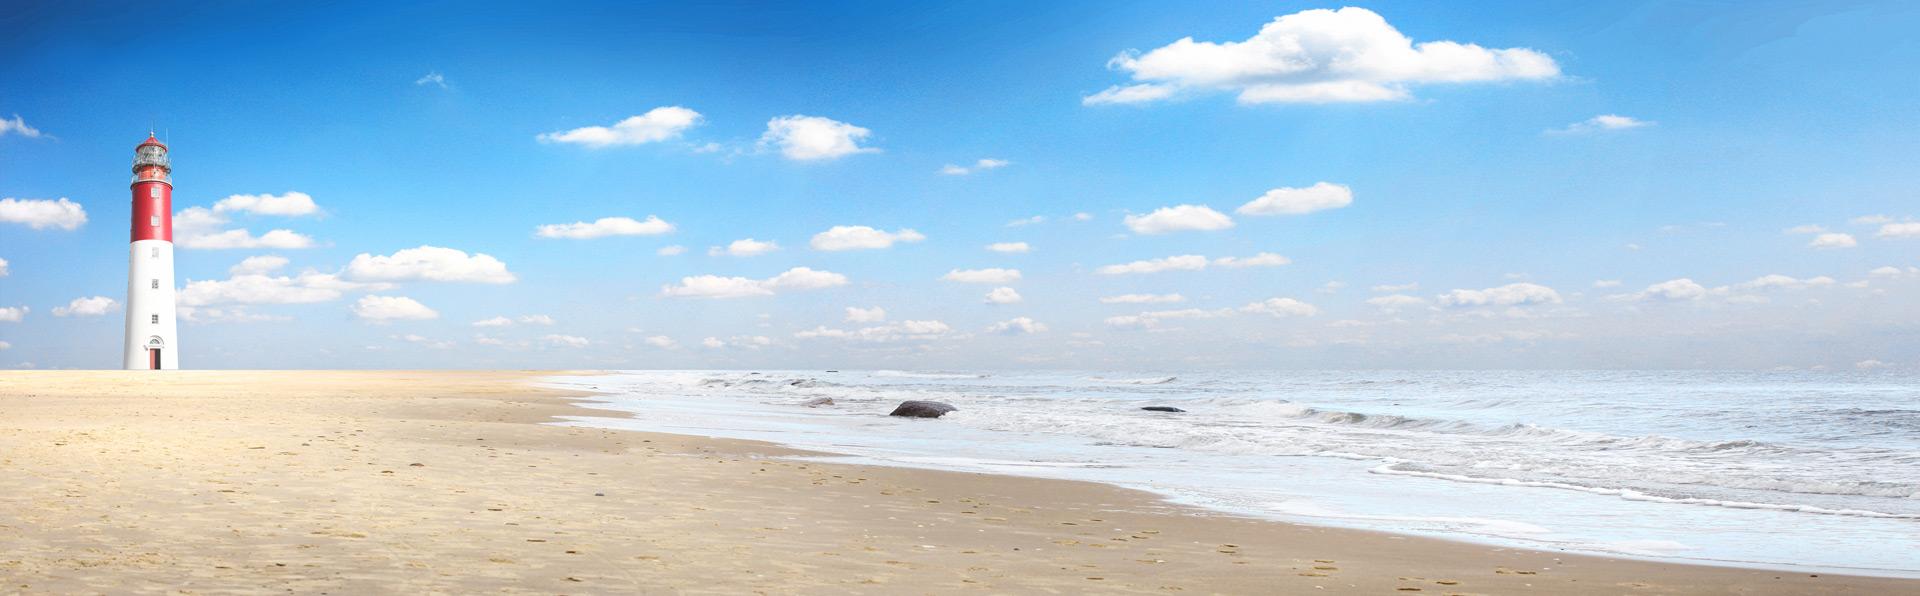 Incentive Segeln » Meer und Leuchturm